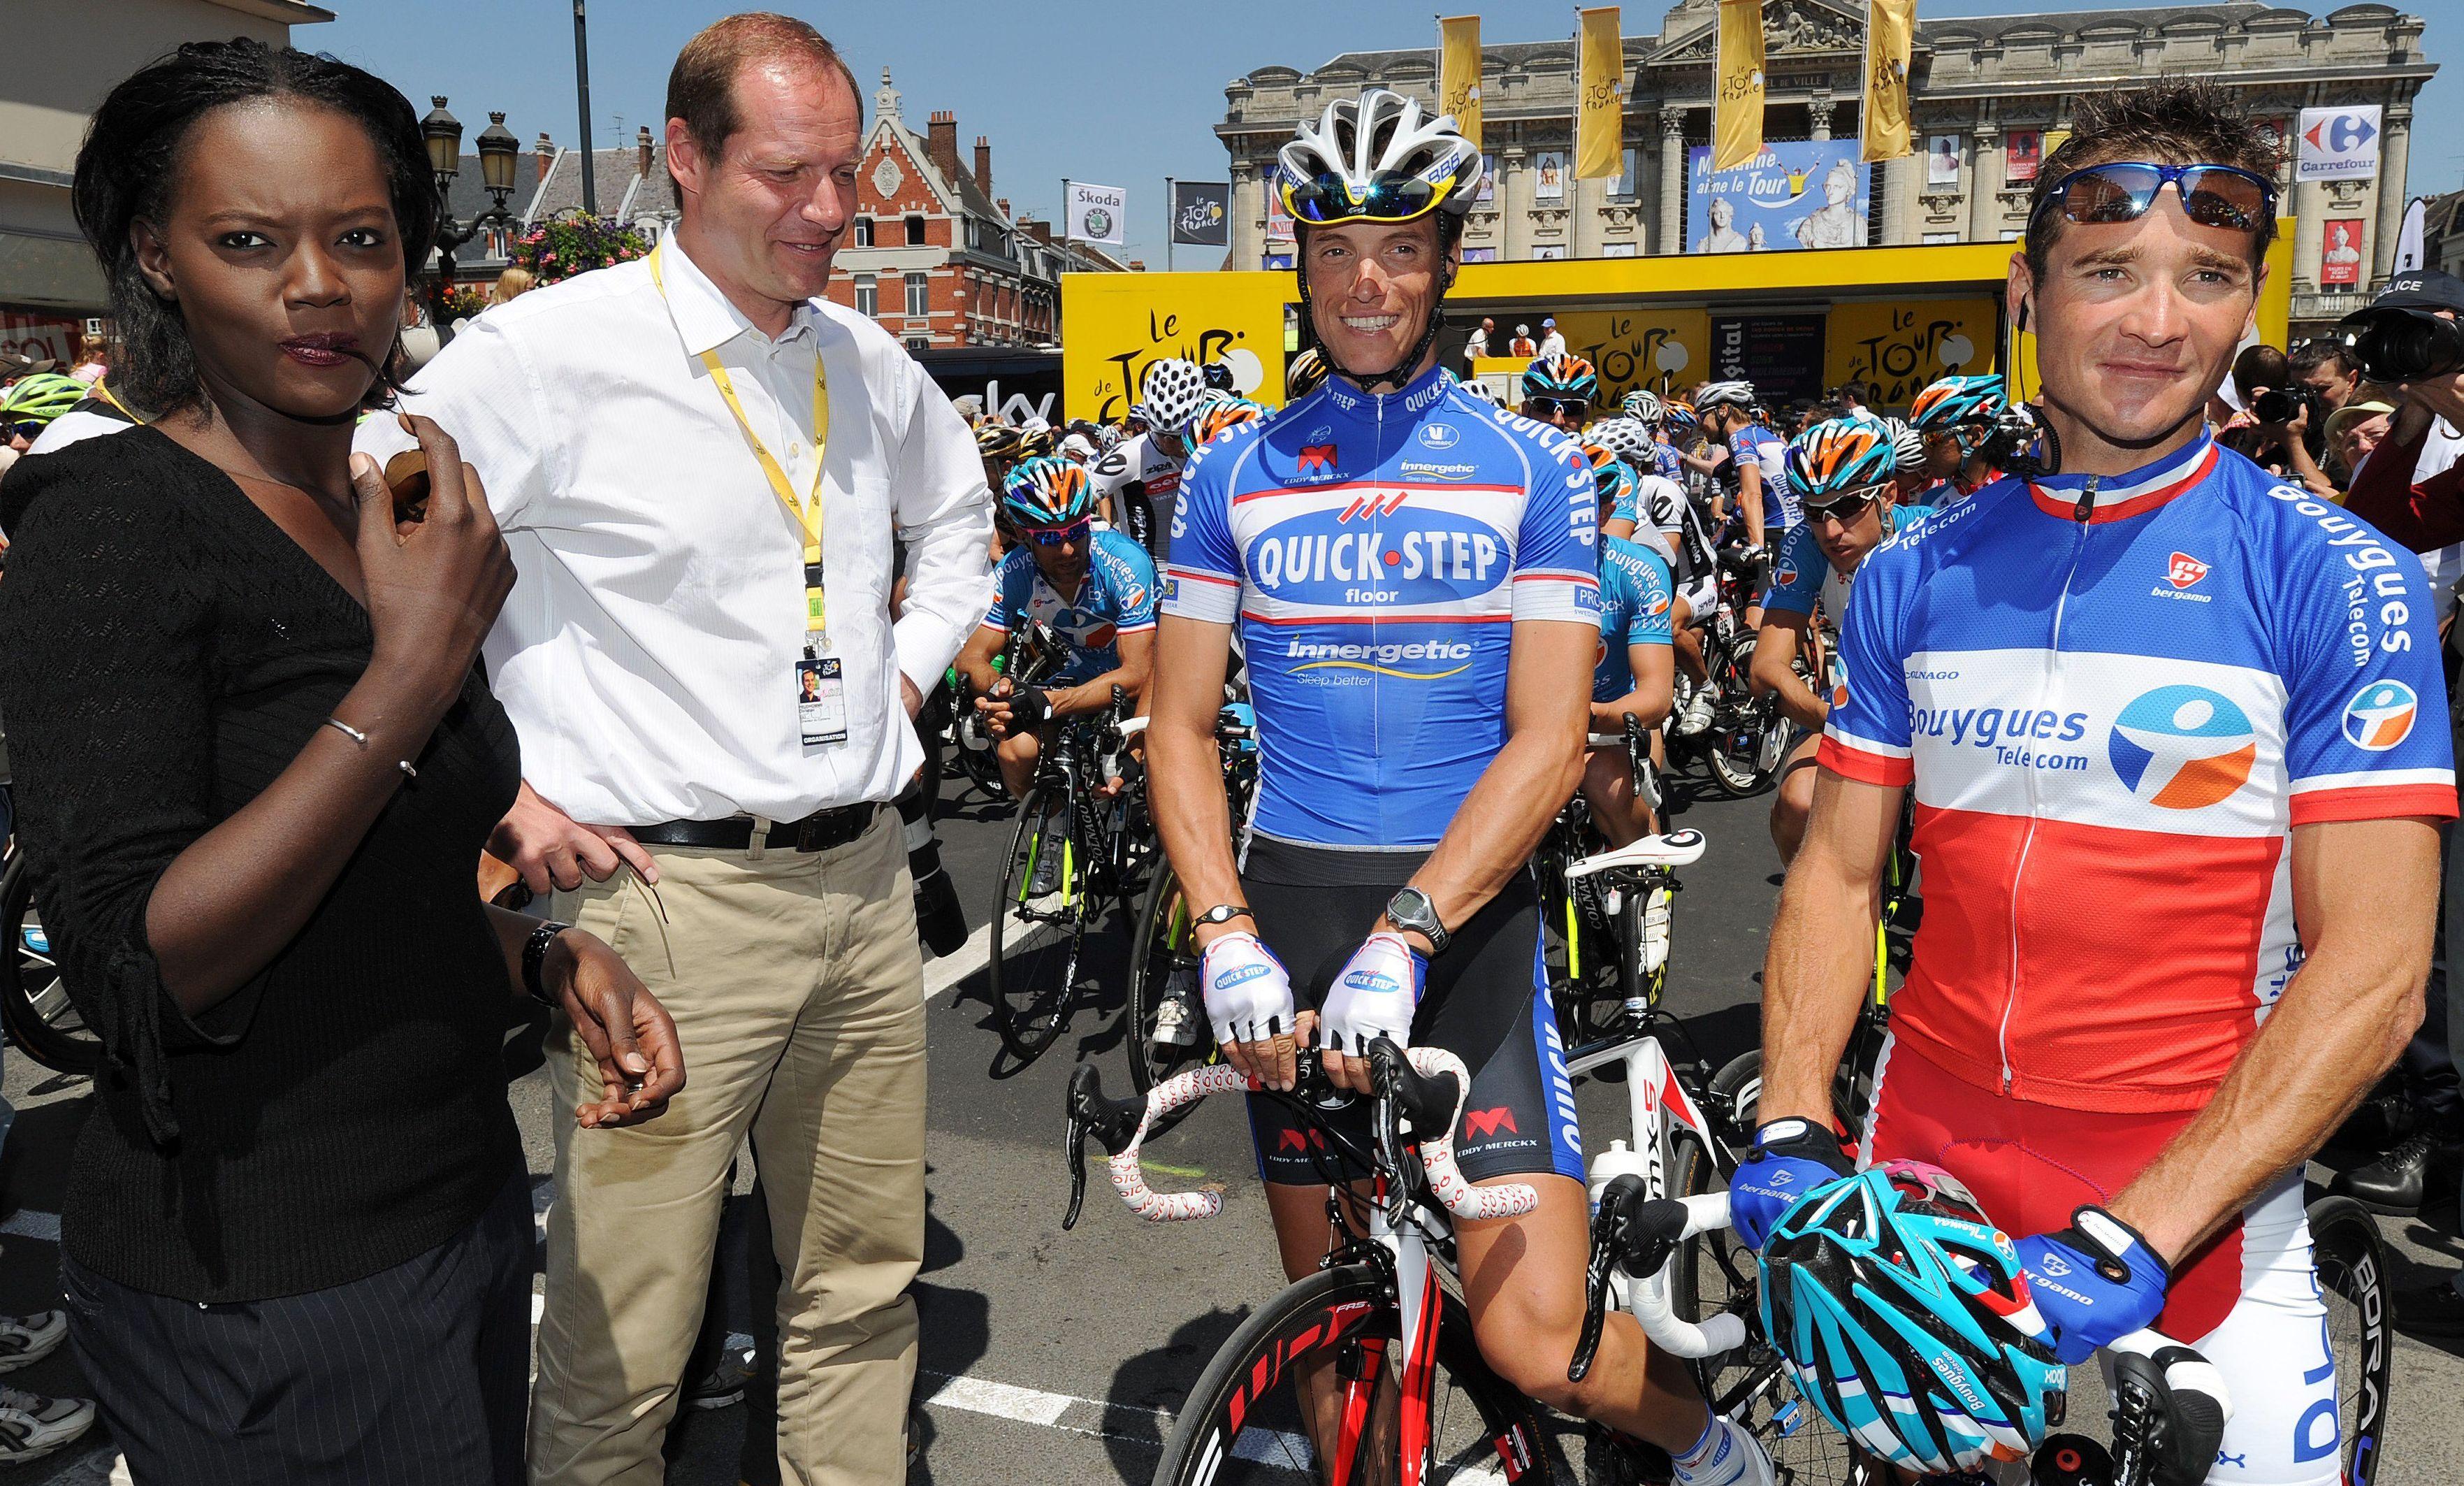 Cyclisme - Tour de France - Voeckler, «le petit fiancé du Tour de France»